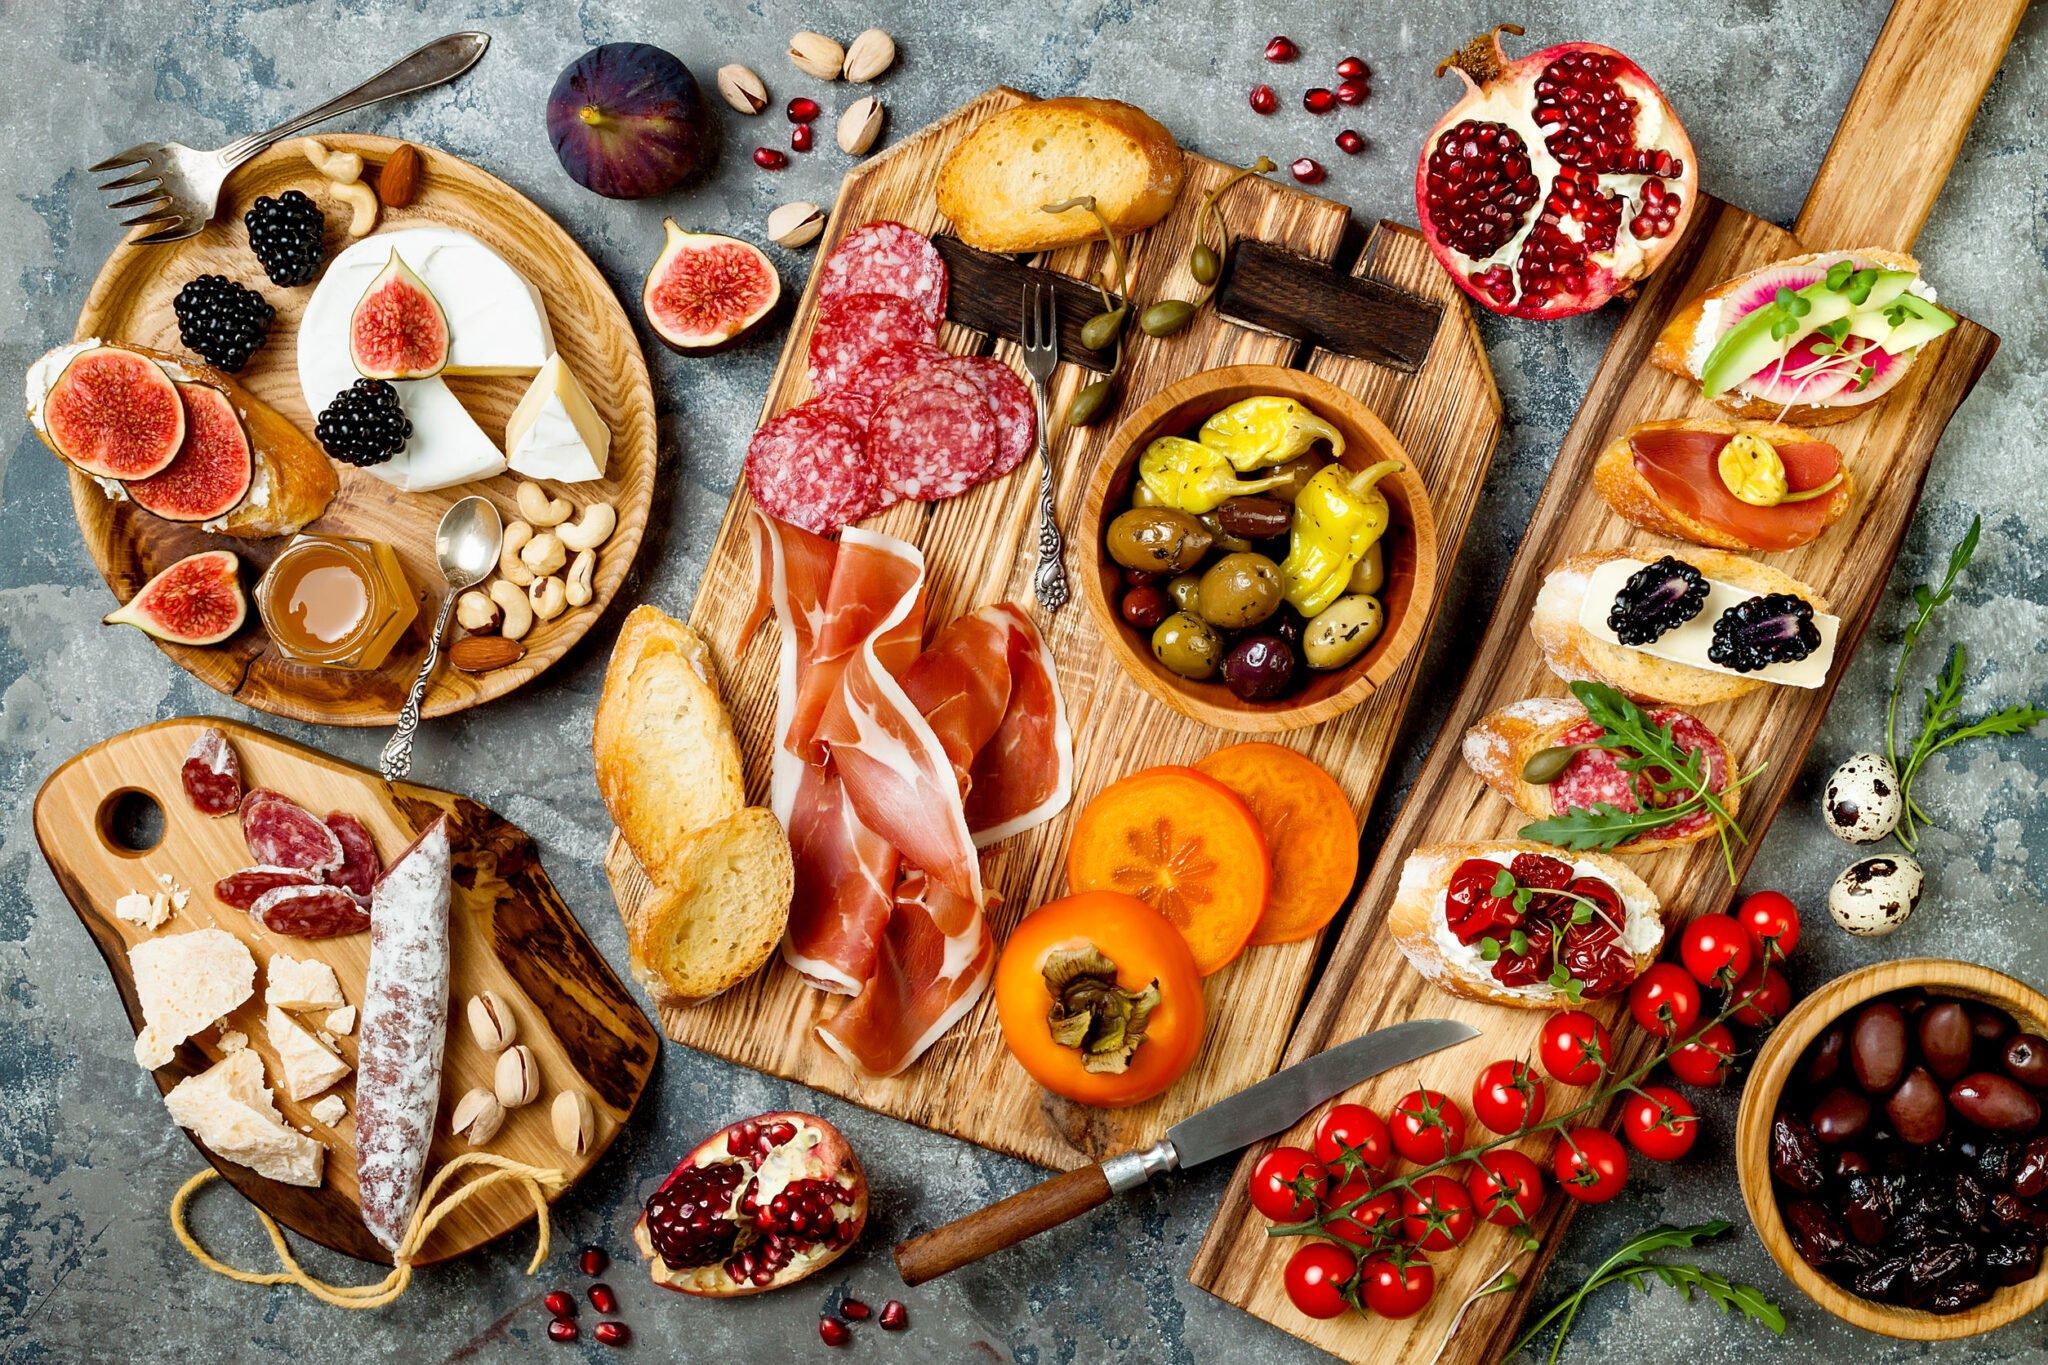 Borrelplank ideeën en tips met hapjes en charcuterie; met kaas, worst, vis, vegetarisch of in thema. - Mamaliefde.nl